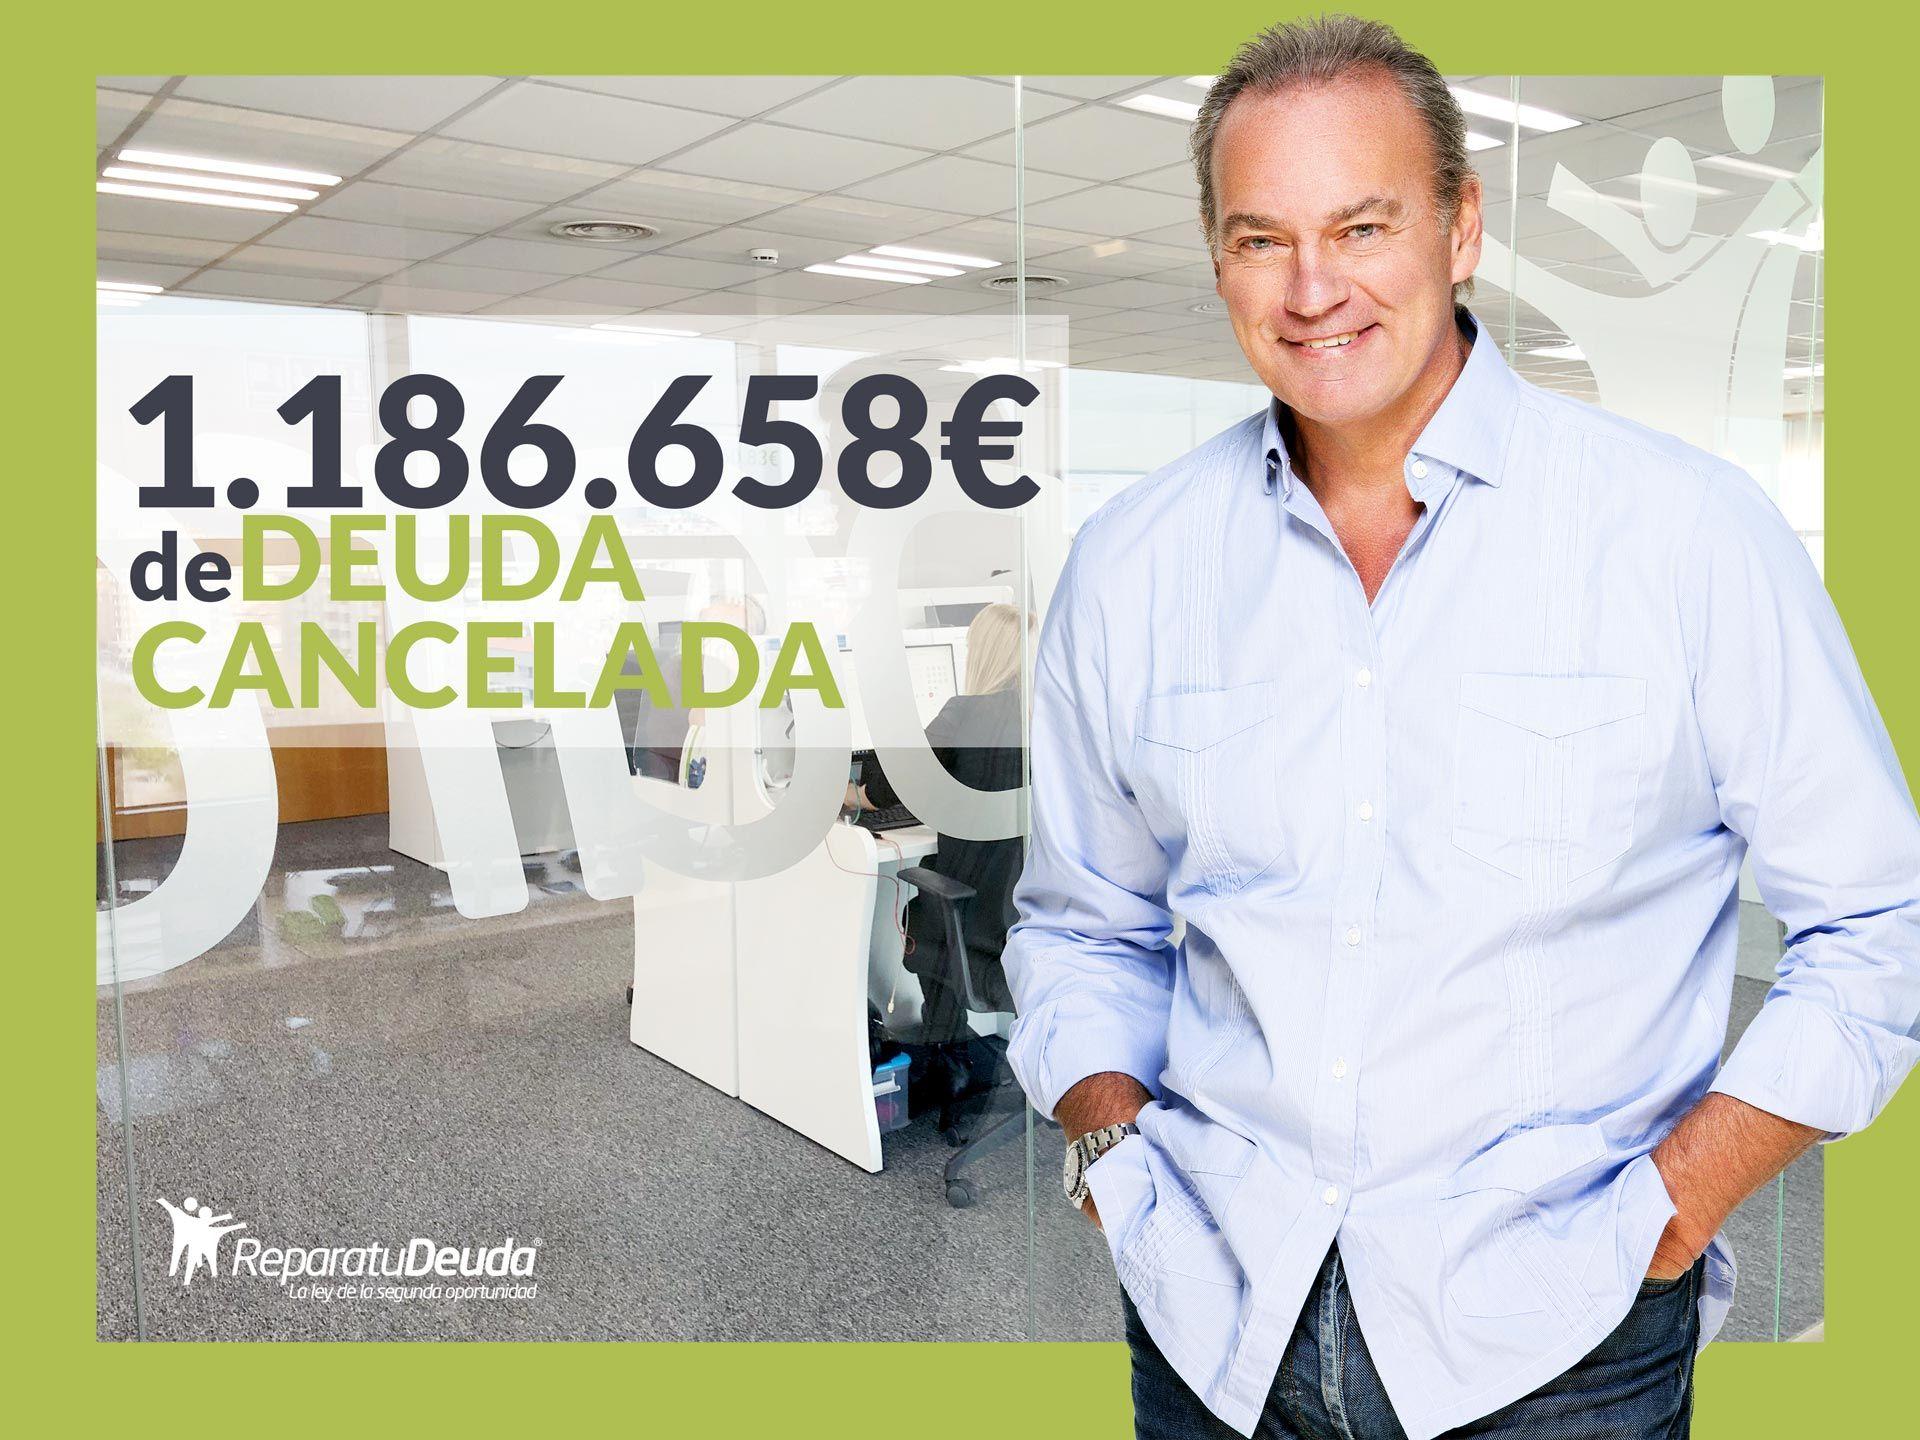 Repara tu Deuda cancela 1.186.658 ? de deuda en Barcelona con la Ley de la Segunda Oportunidad